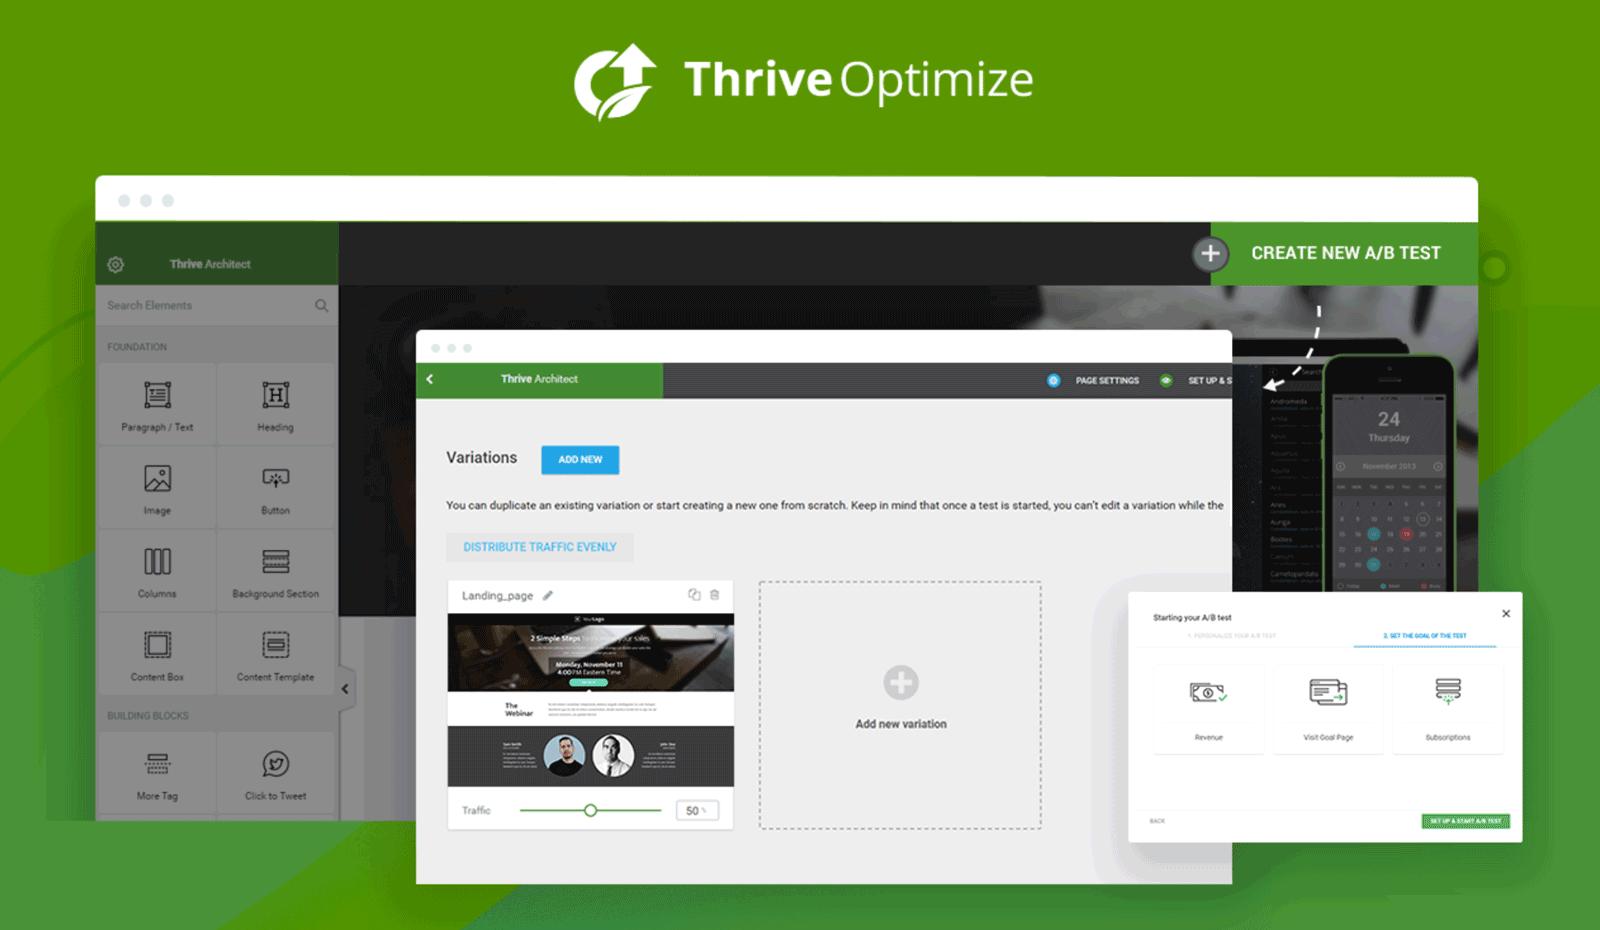 Interfaz de usuario de Thrive Optimize